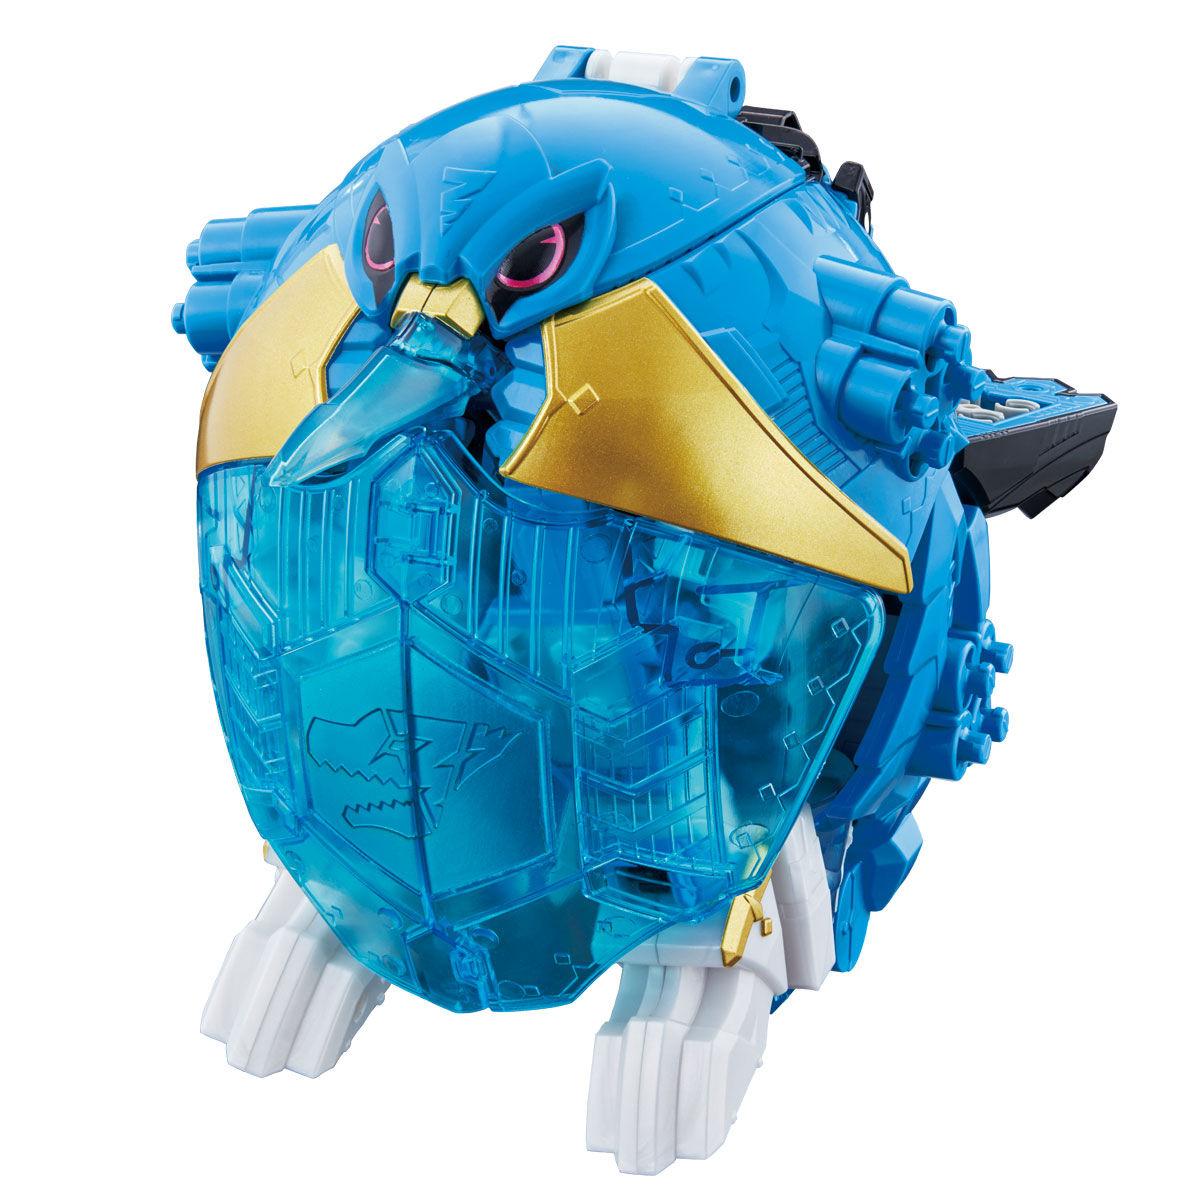 騎士竜戦隊リュウソウジャー『騎士竜シリーズ11 竜装変形 DXヨクリュウオー』可変可動フィギュア-004